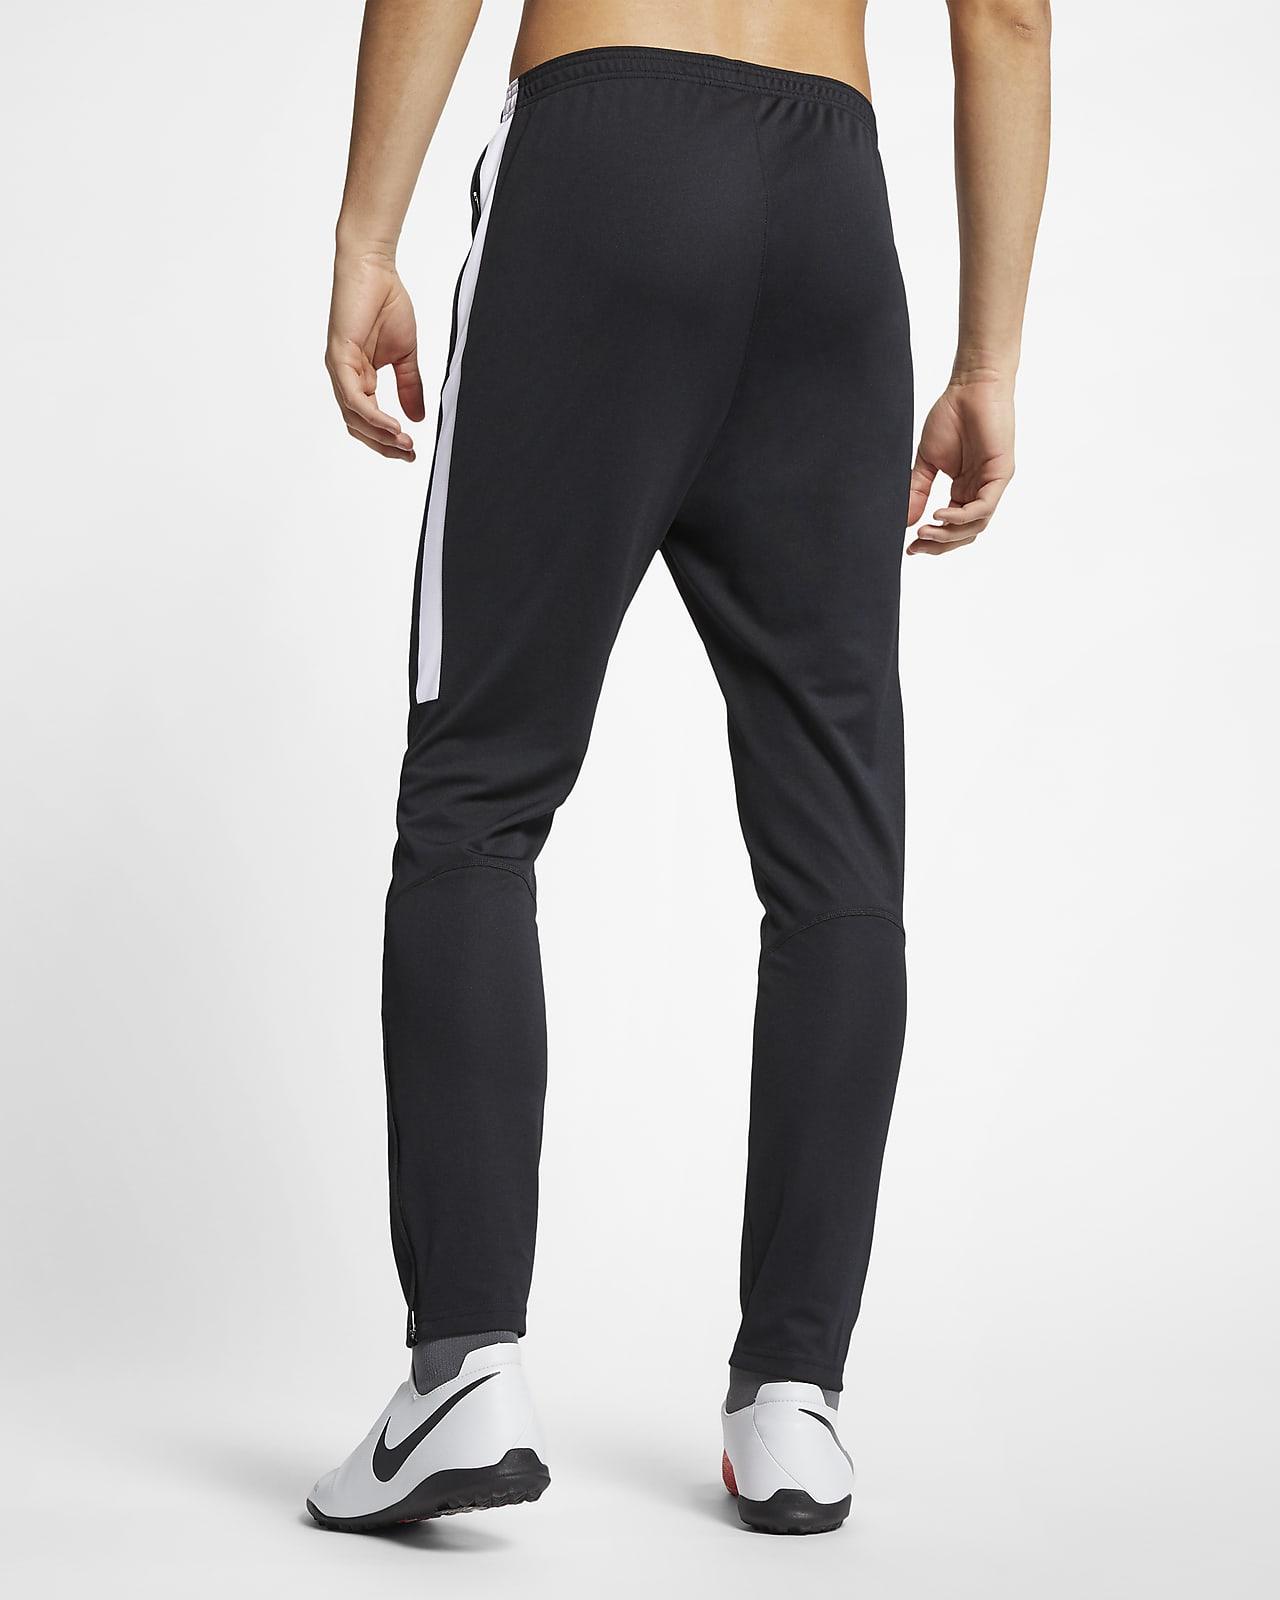 Servicio Sin Positivo  Pantalones de fútbol para hombre Nike Dri-FIT Academy. Nike MX